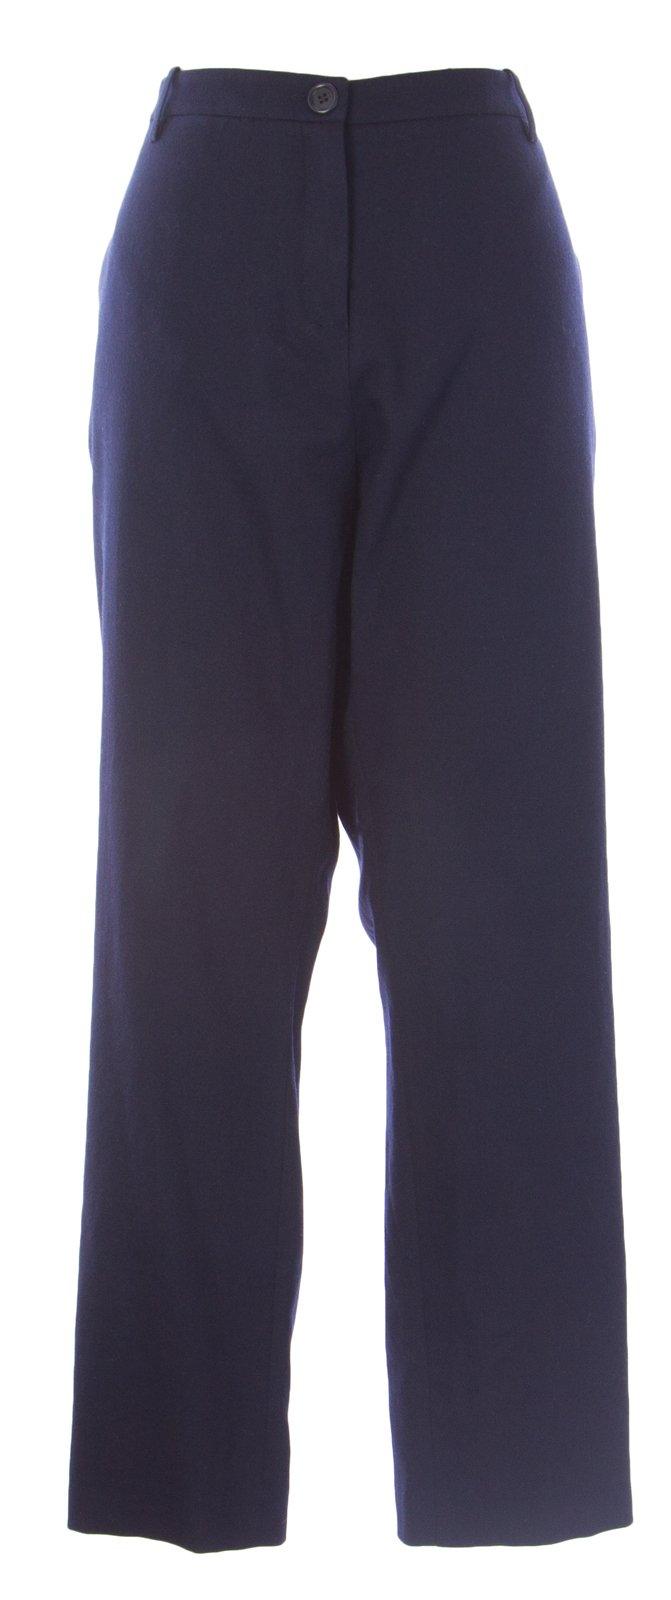 BODEN Women's Fine Wool Flared Pants US Sz 18L Navy